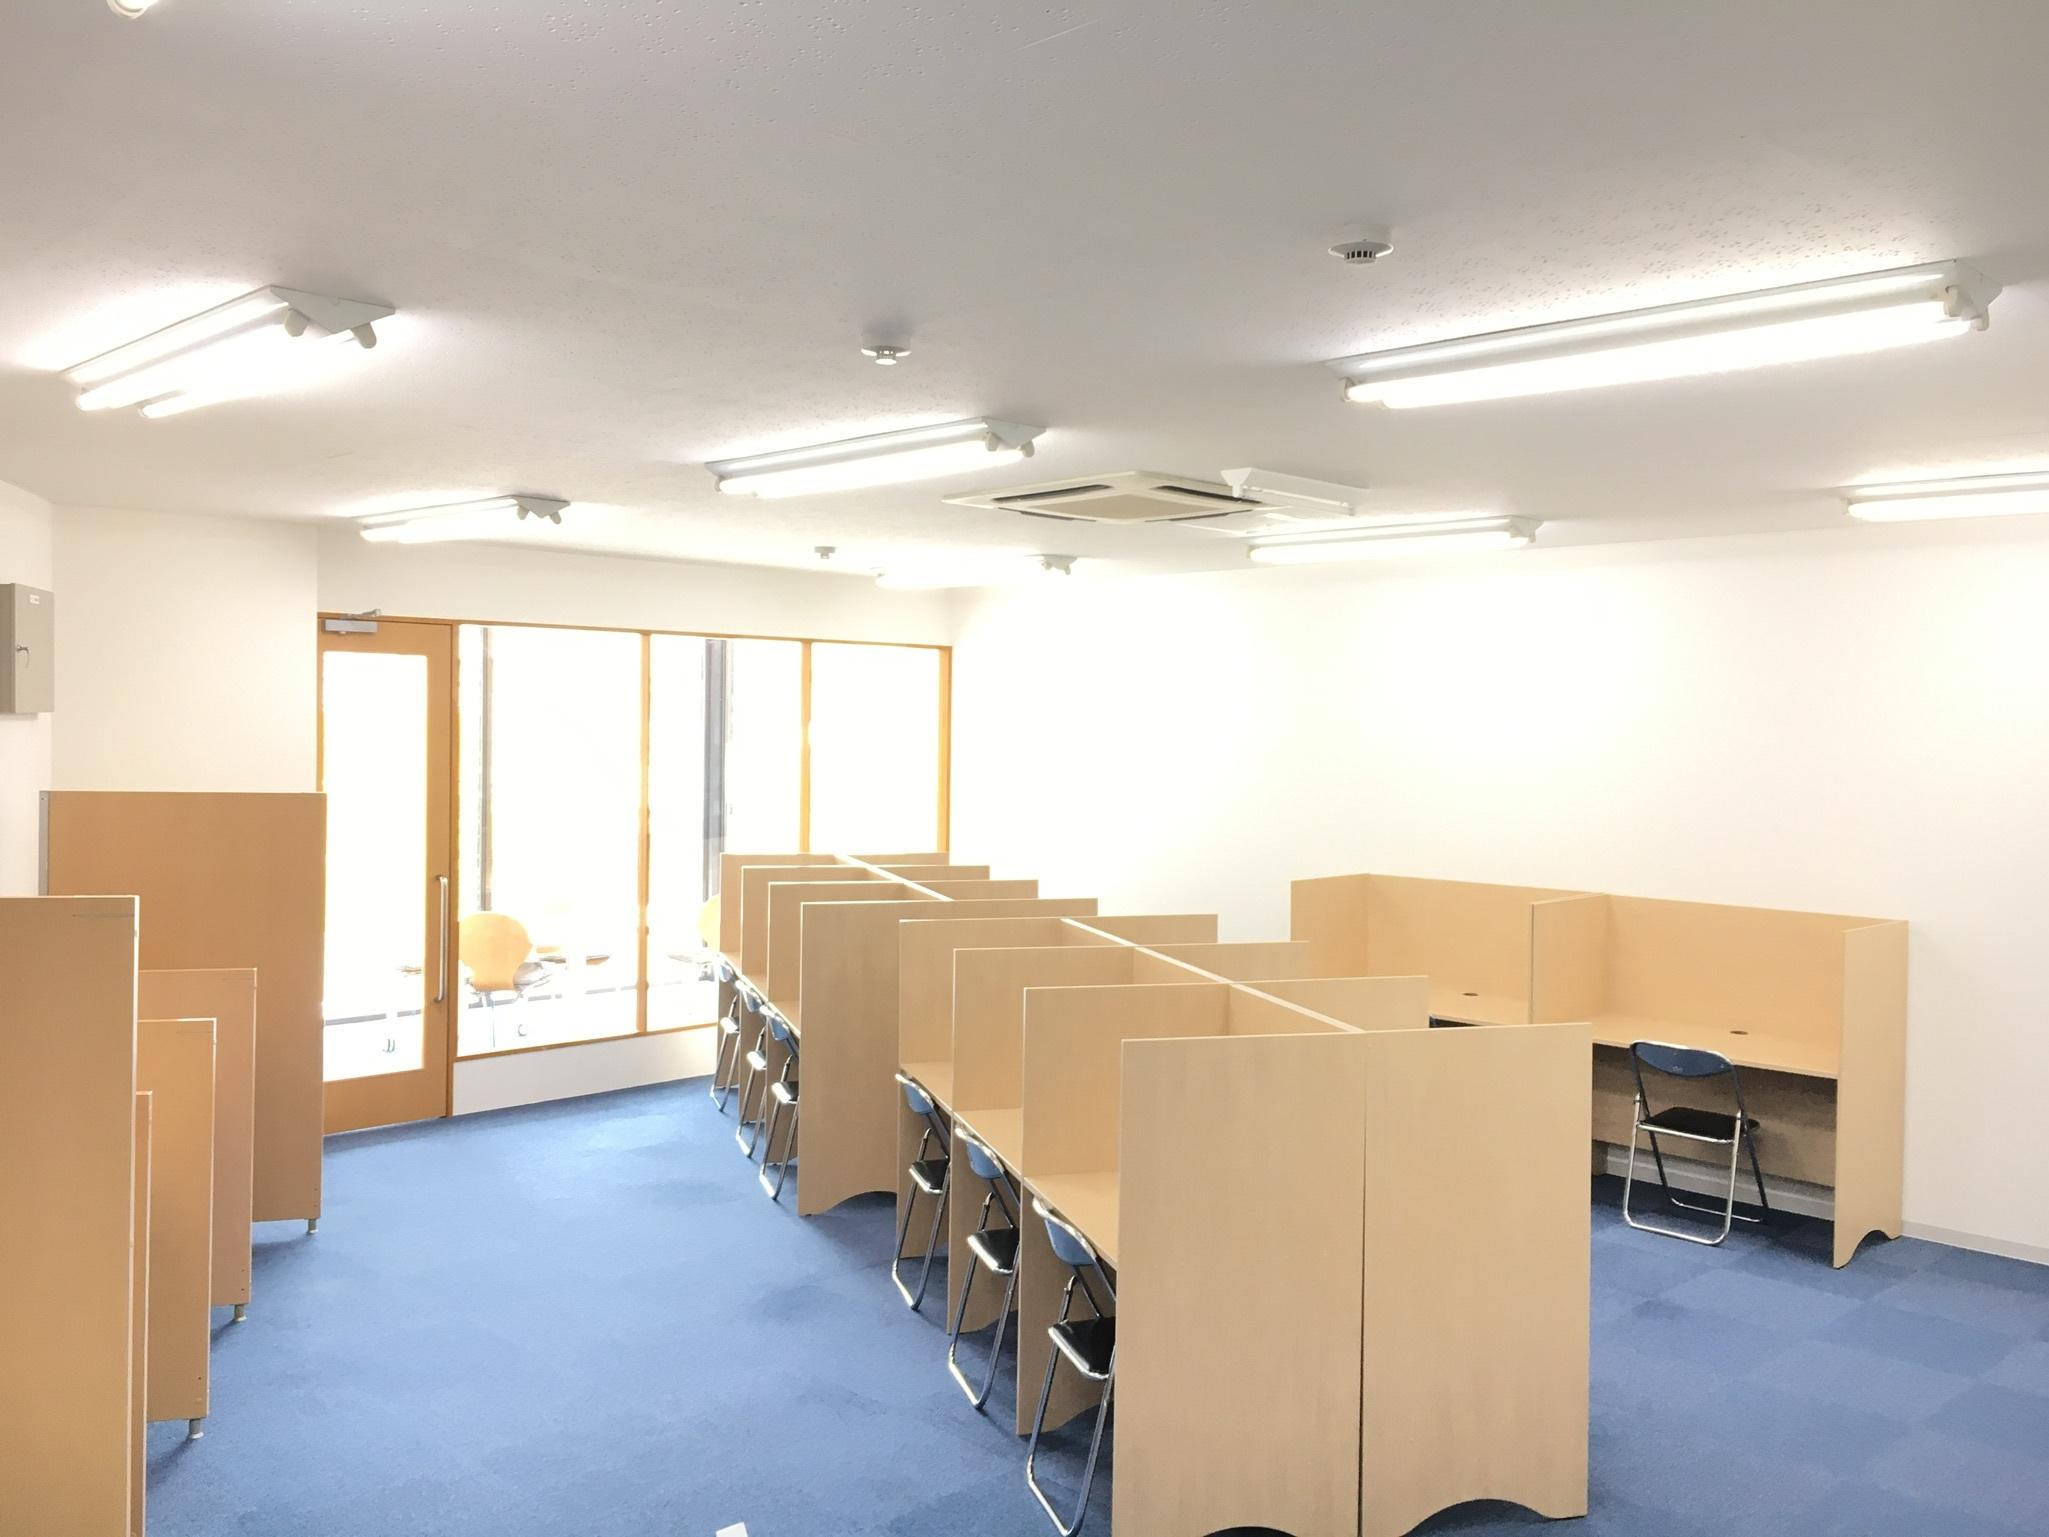 教室の様子_e0290029_15223408.jpg